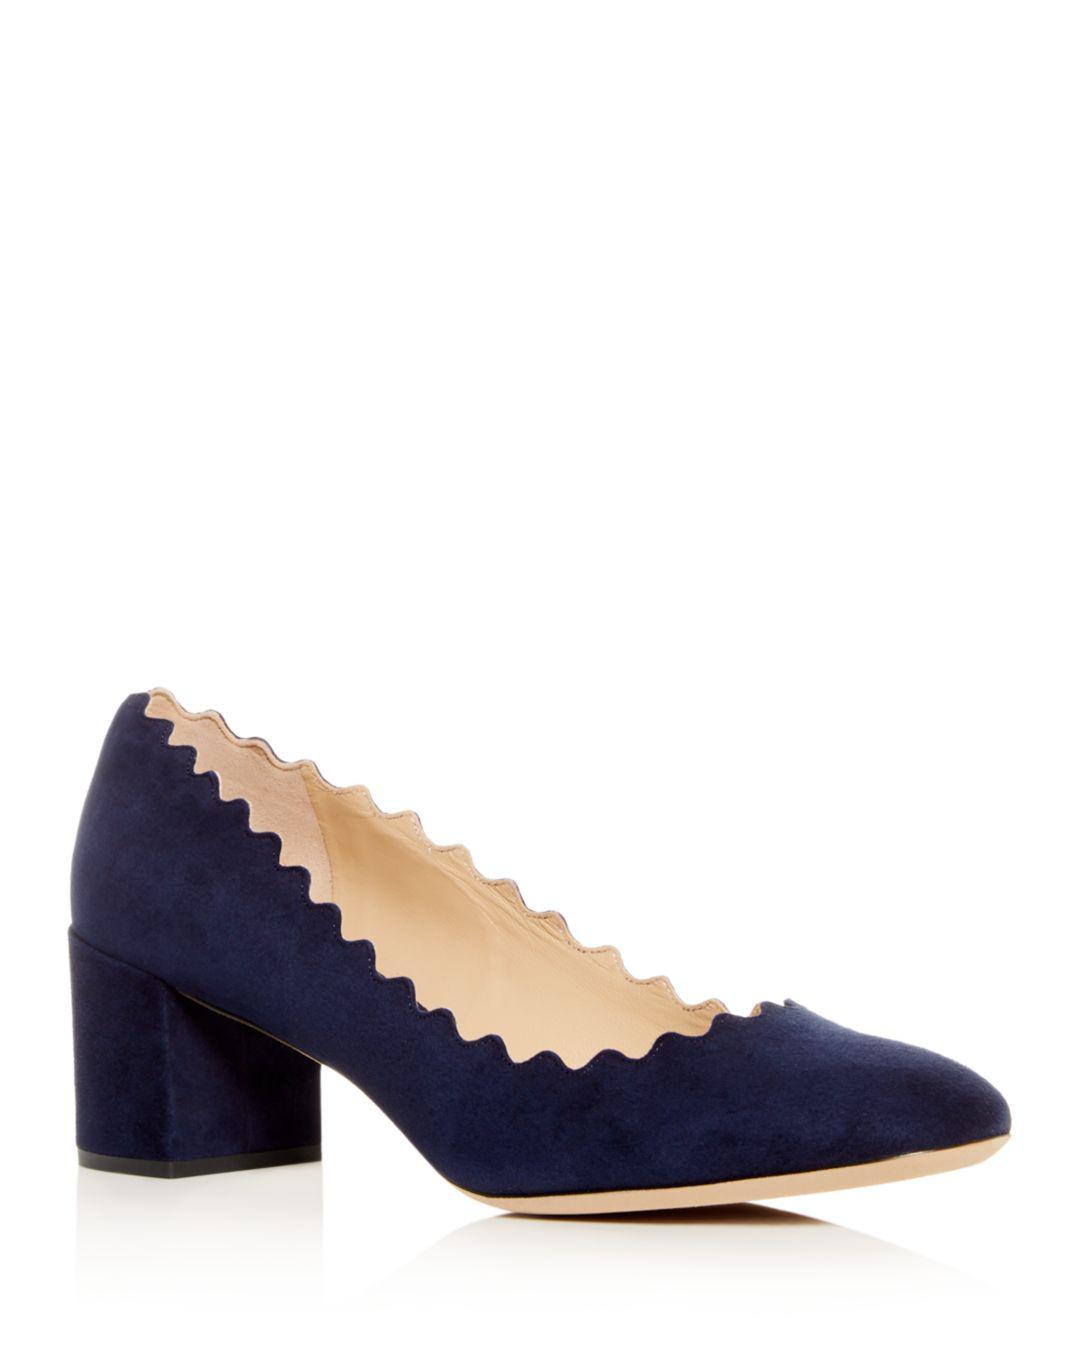 d5c7c8c28457 Lyst - Chloé Women s Lauren Scalloped Block-heel Pumps in Blue